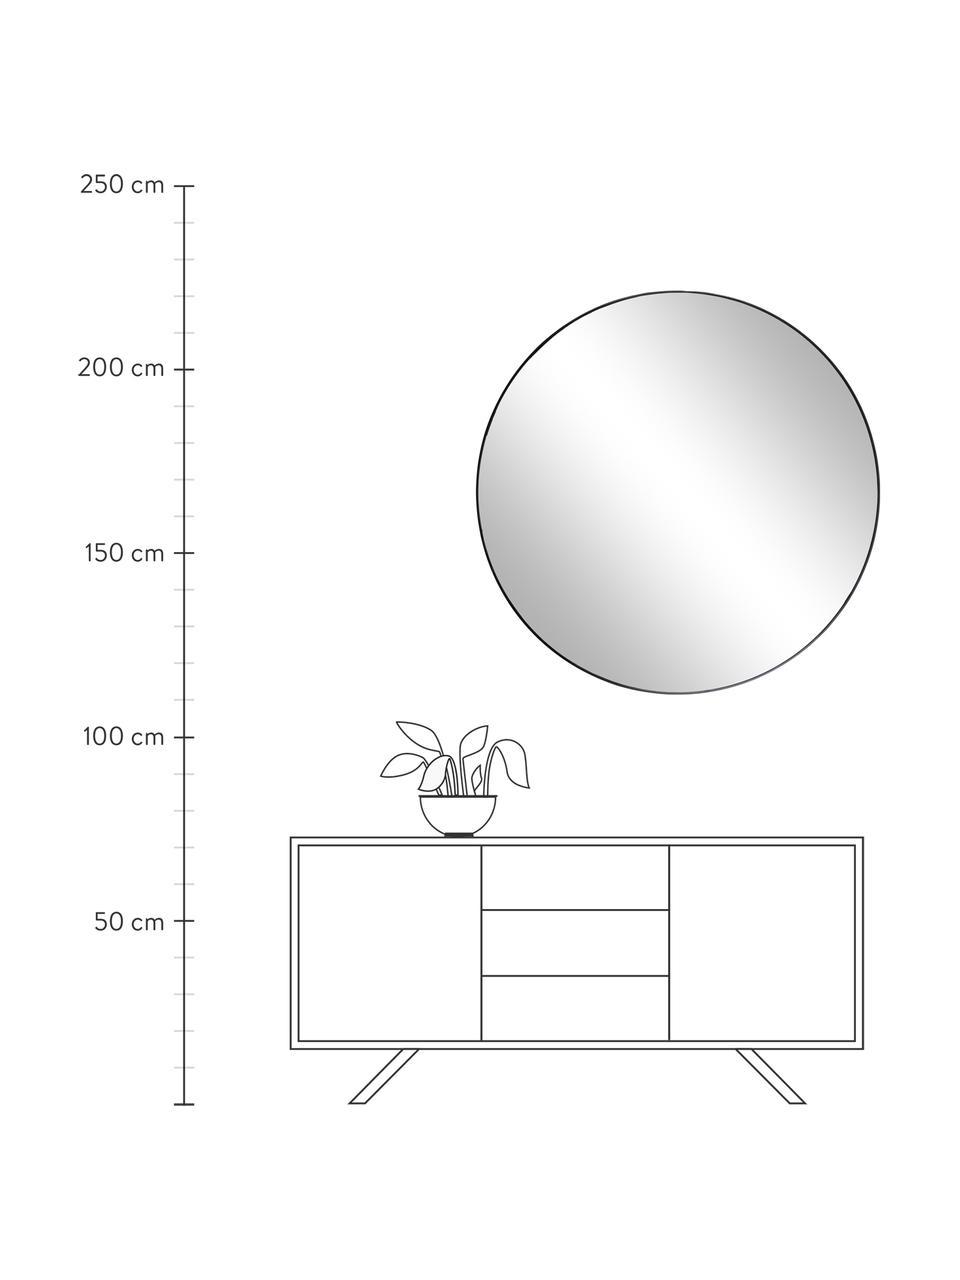 Specchio da parete rotondo con cornice nera Complete, Cornice: Pannello di fibra a media, Nero, Ø 100 cm